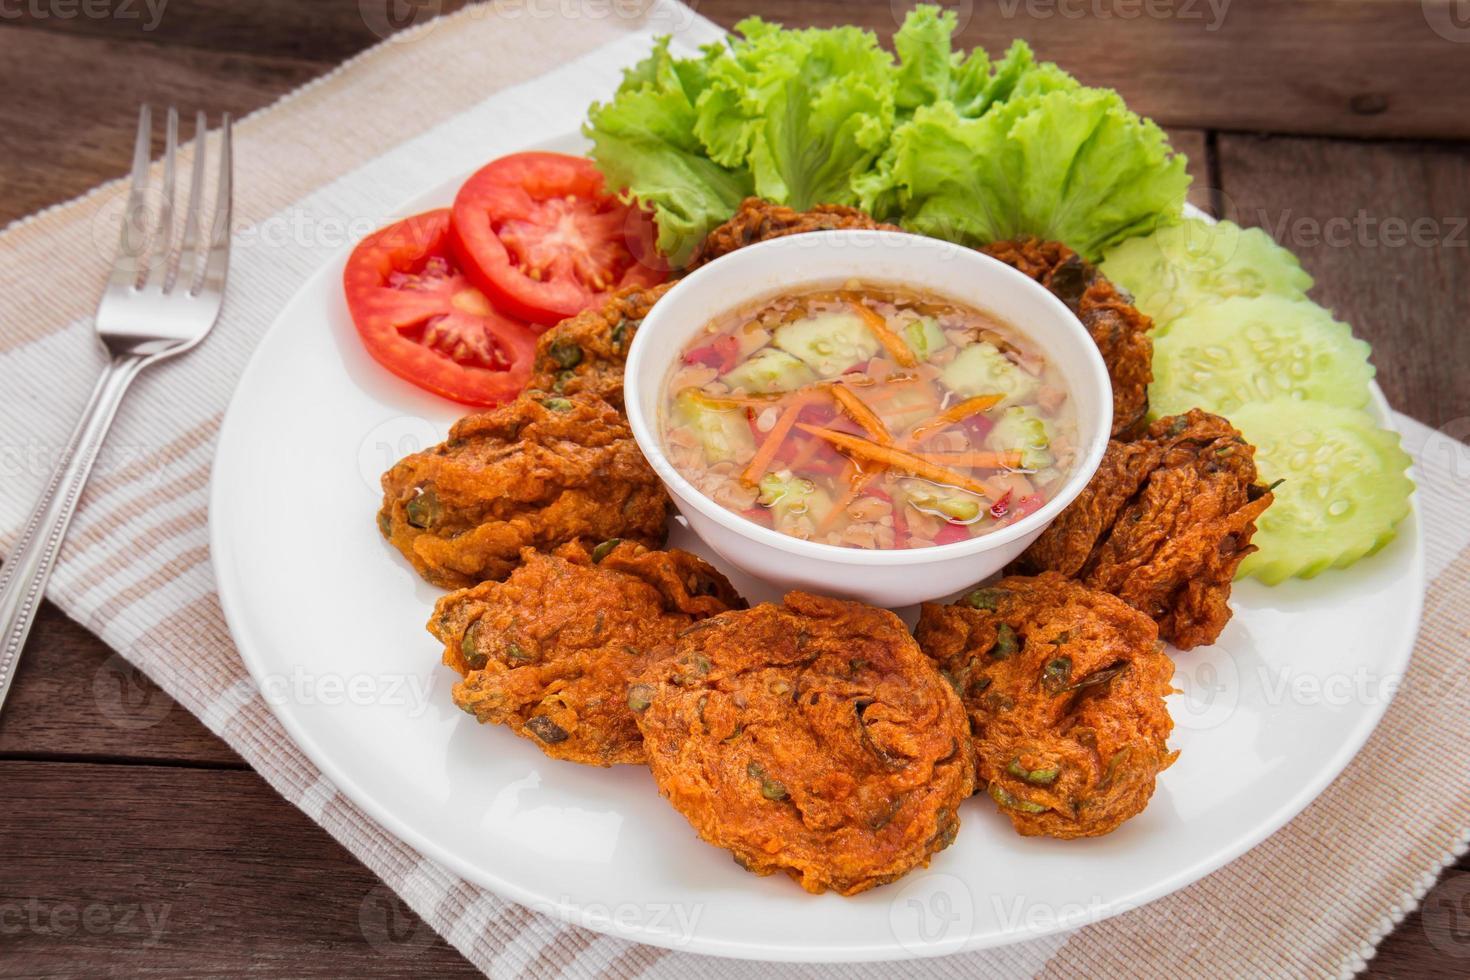 Pastel de pescado frito y verduras en el plato, comida tailandesa foto